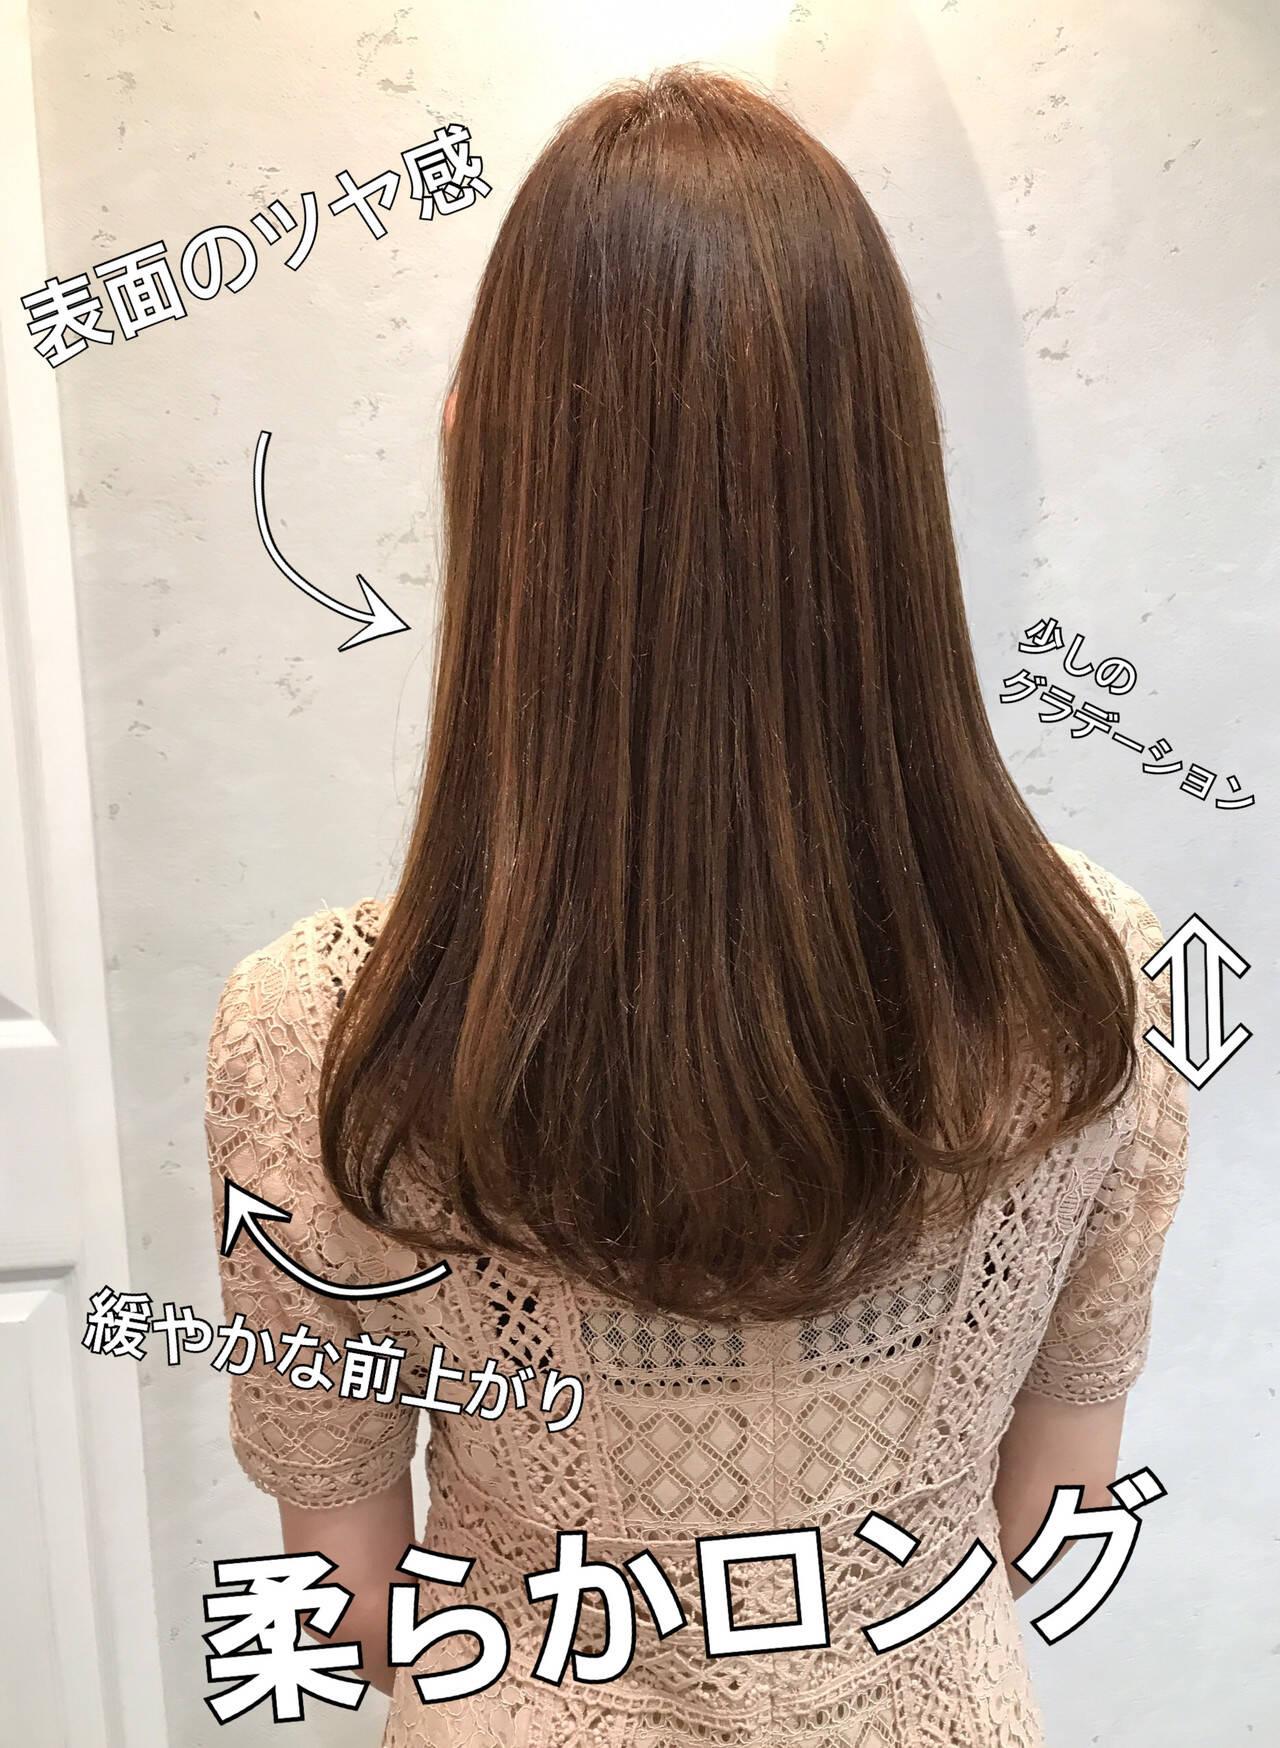 360度どこからみても綺麗なロングヘア ナチュラル ロングヘア ロングヘアスタイルヘアスタイルや髪型の写真・画像